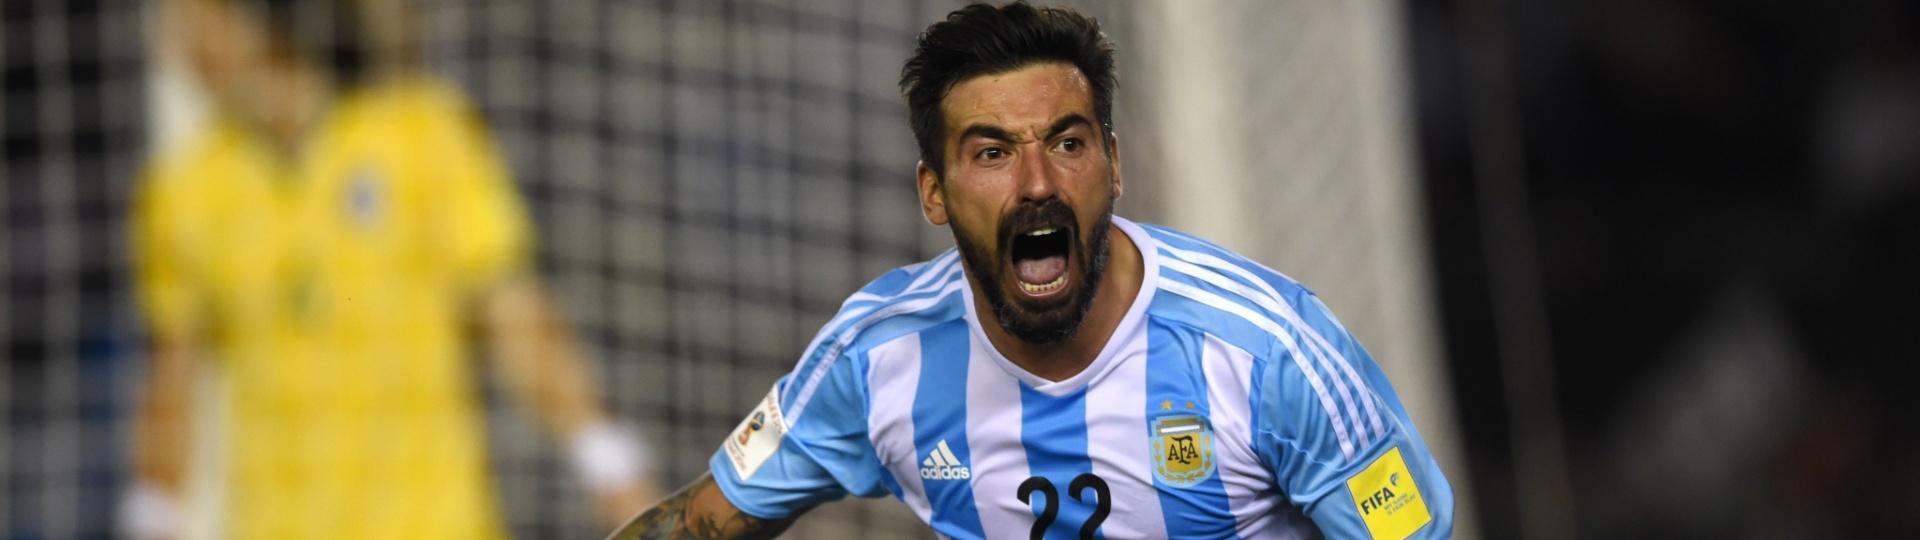 Lavezzi abre o placar para a Argentina contra o Brasil pelas Eliminatórias da Copa